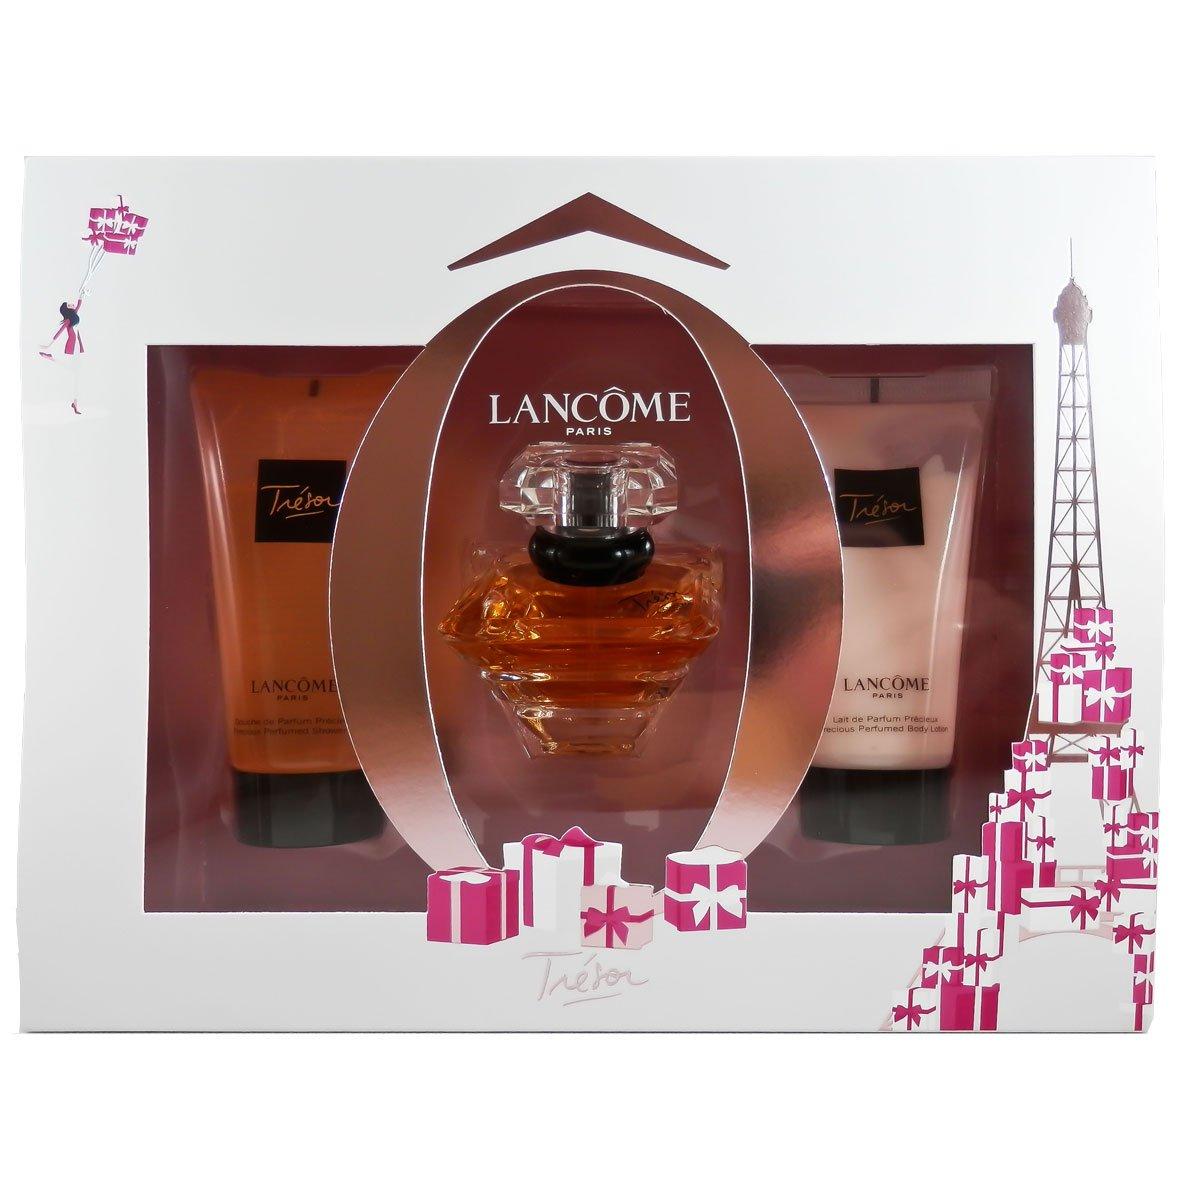 Lancôme Trésor femme Geschenkset, 1er Pack (Eau de Parfum 30 ml, Körperlotion 50 ml, Duschgel 50 ml) Körperlotion 50 ml 3614271847126